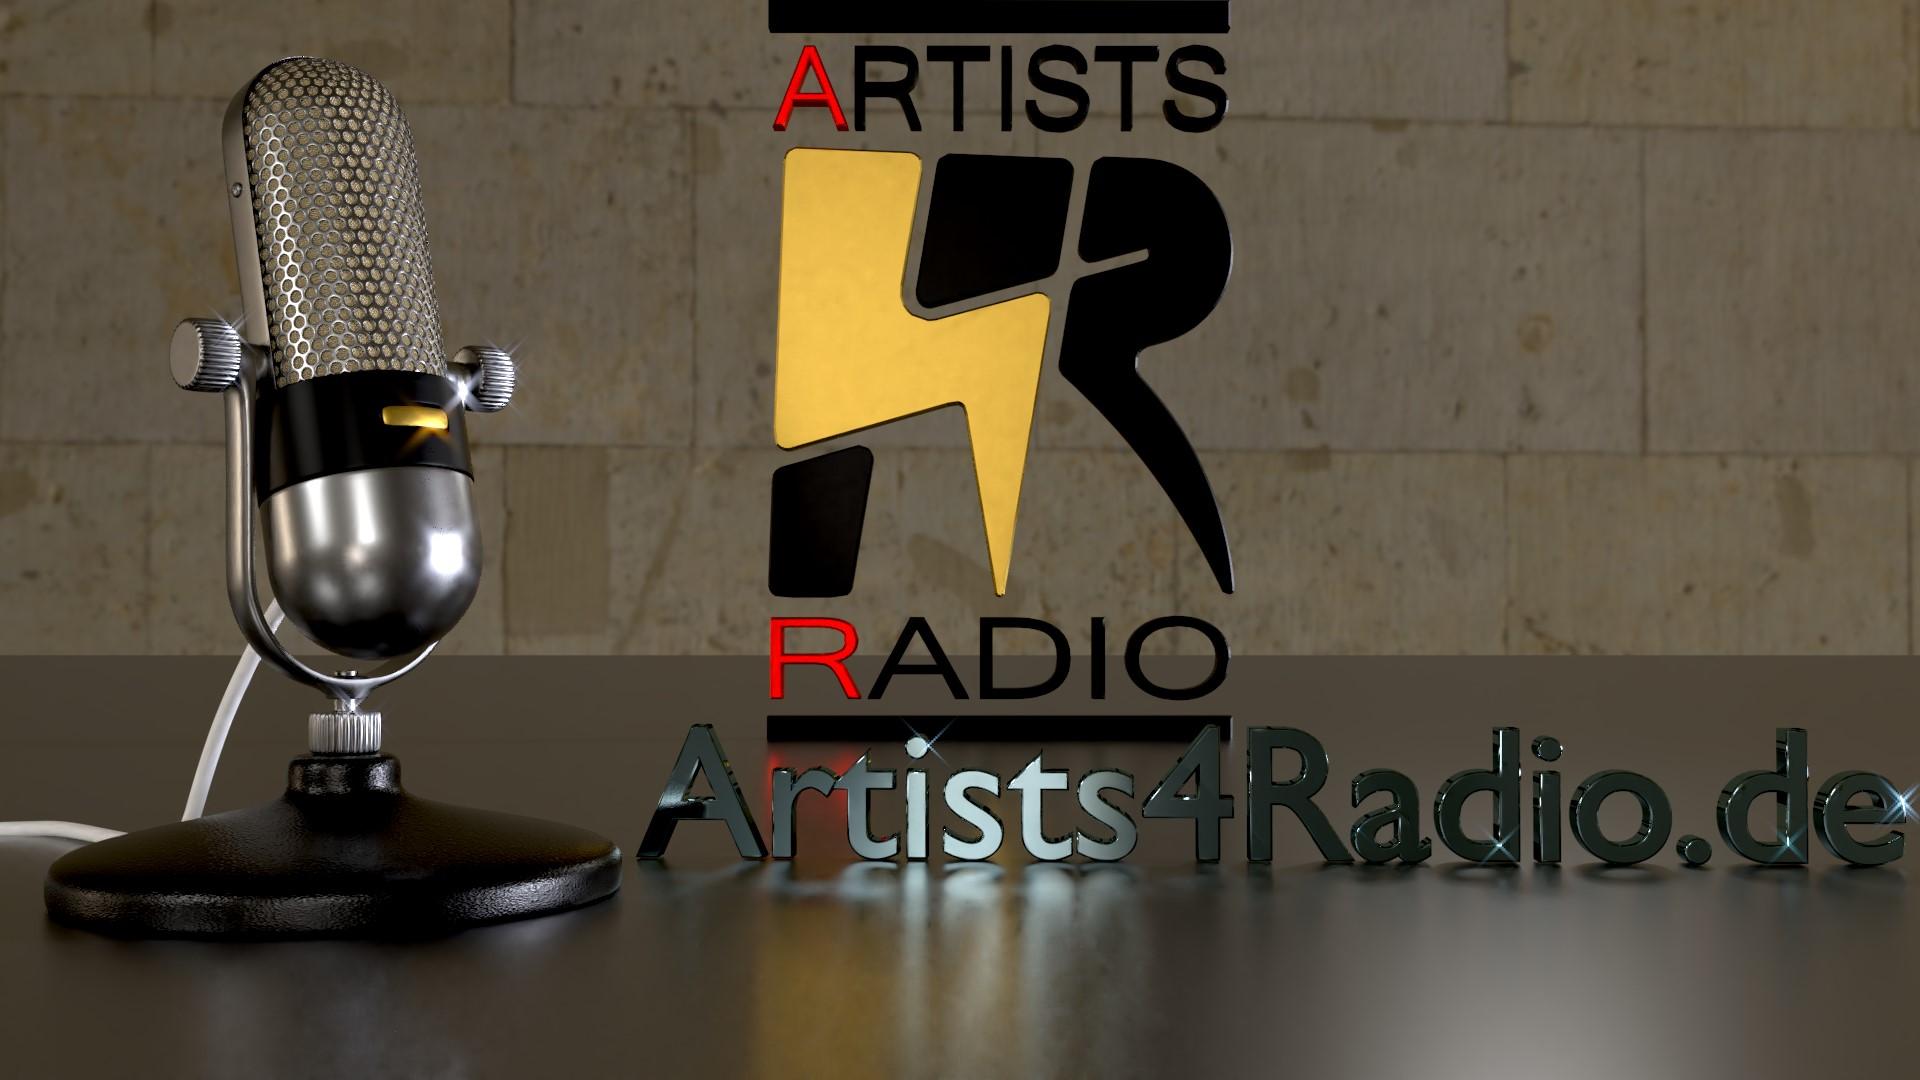 Mirkofon-ArtistsforRadio_04C